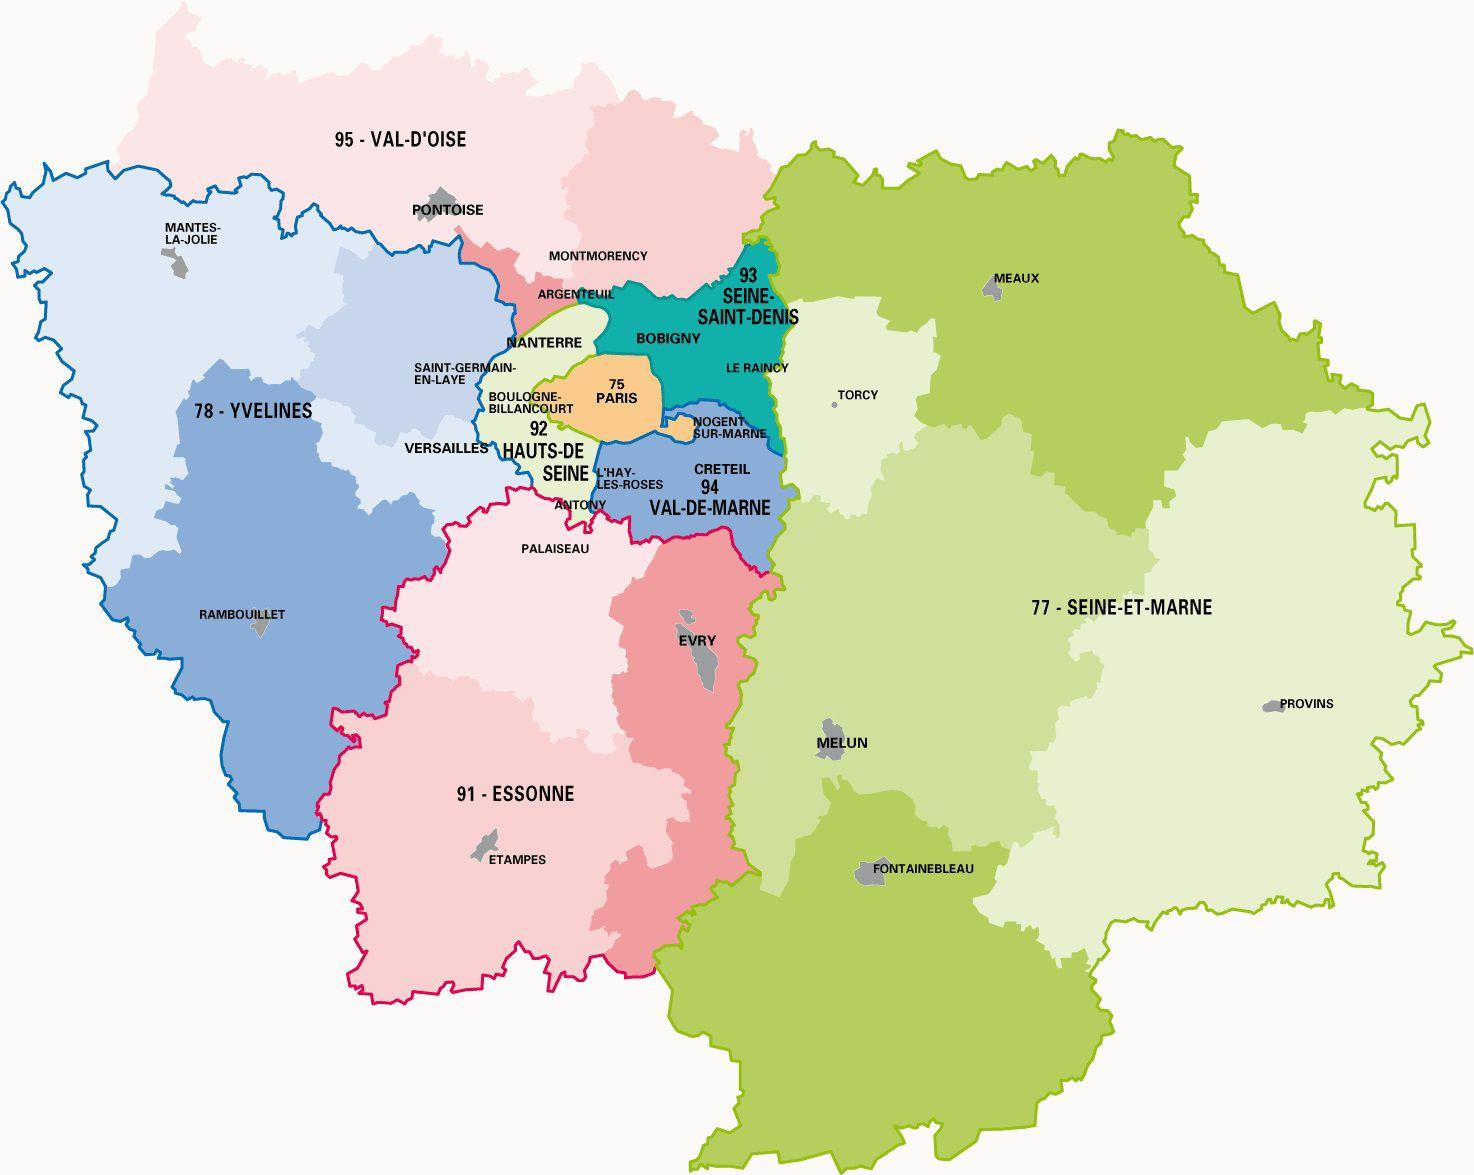 carte départements ile de france Points chauds en Ile de France